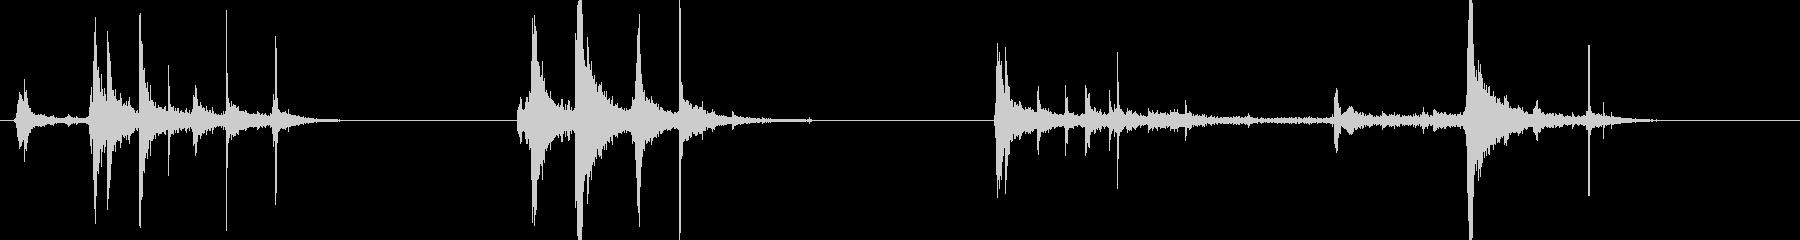 バーロック機構付きウィンドウ1。閉...の未再生の波形